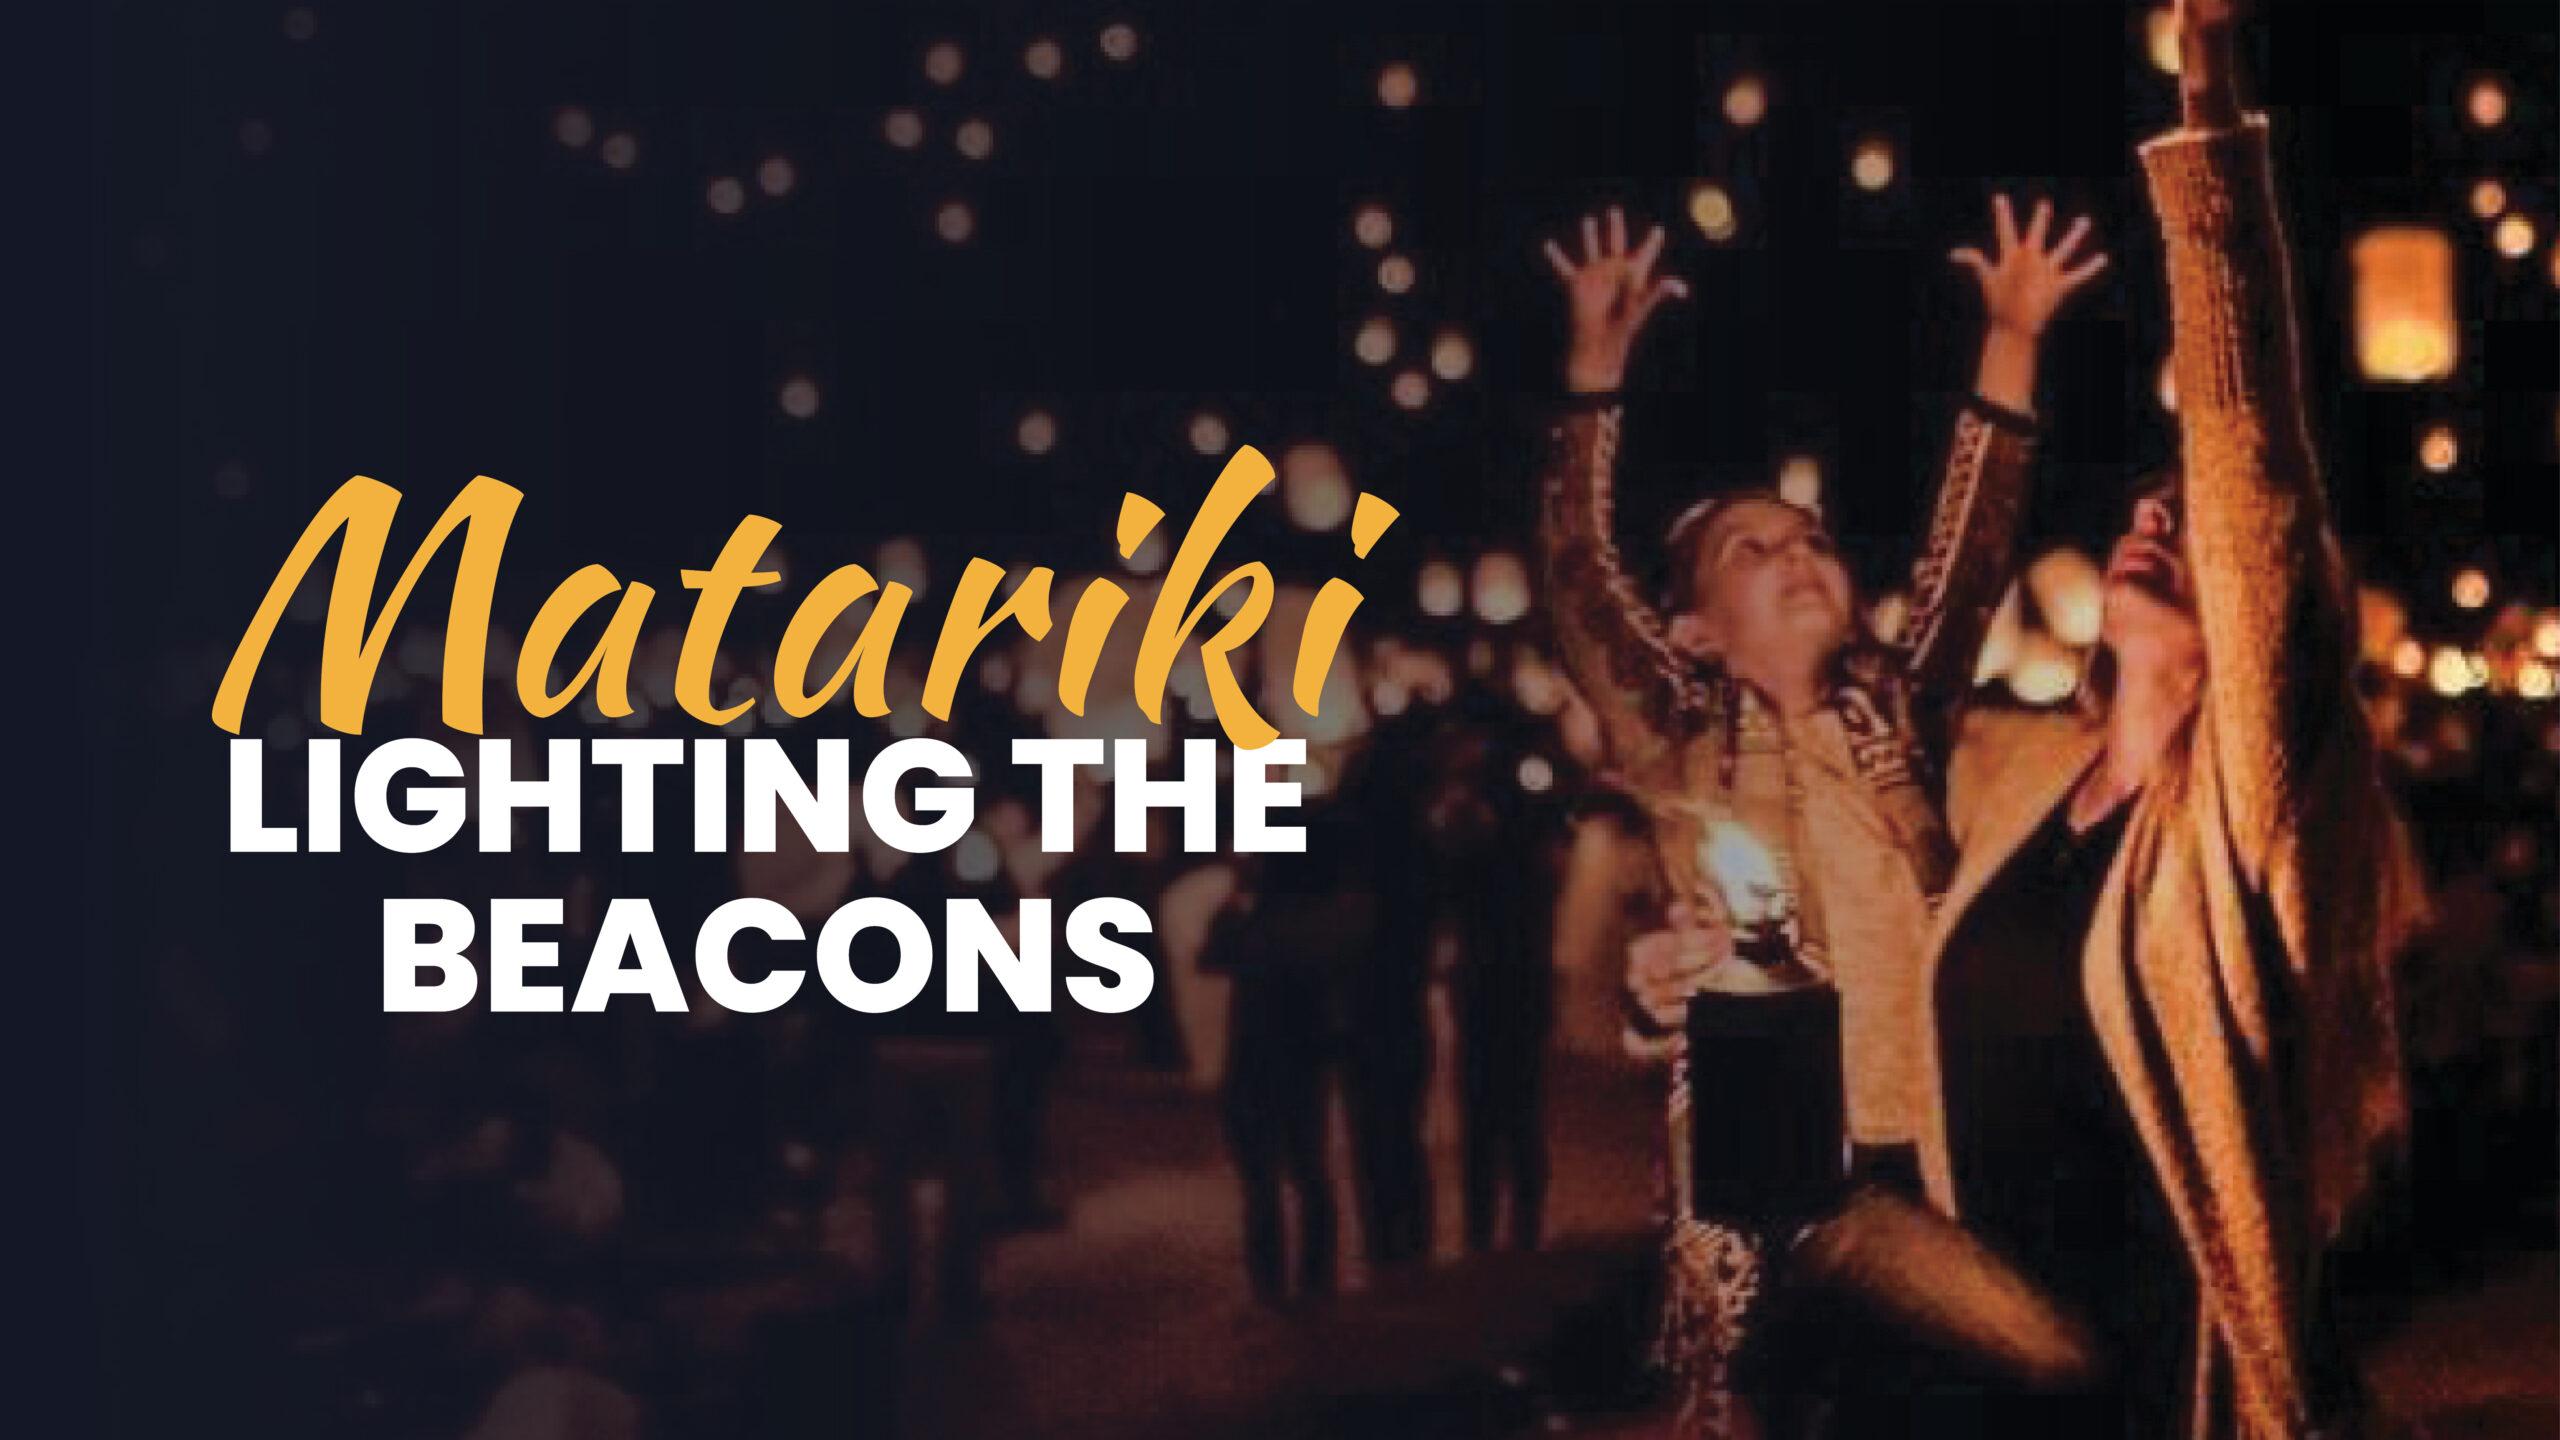 Matariki Lighting the Beacons